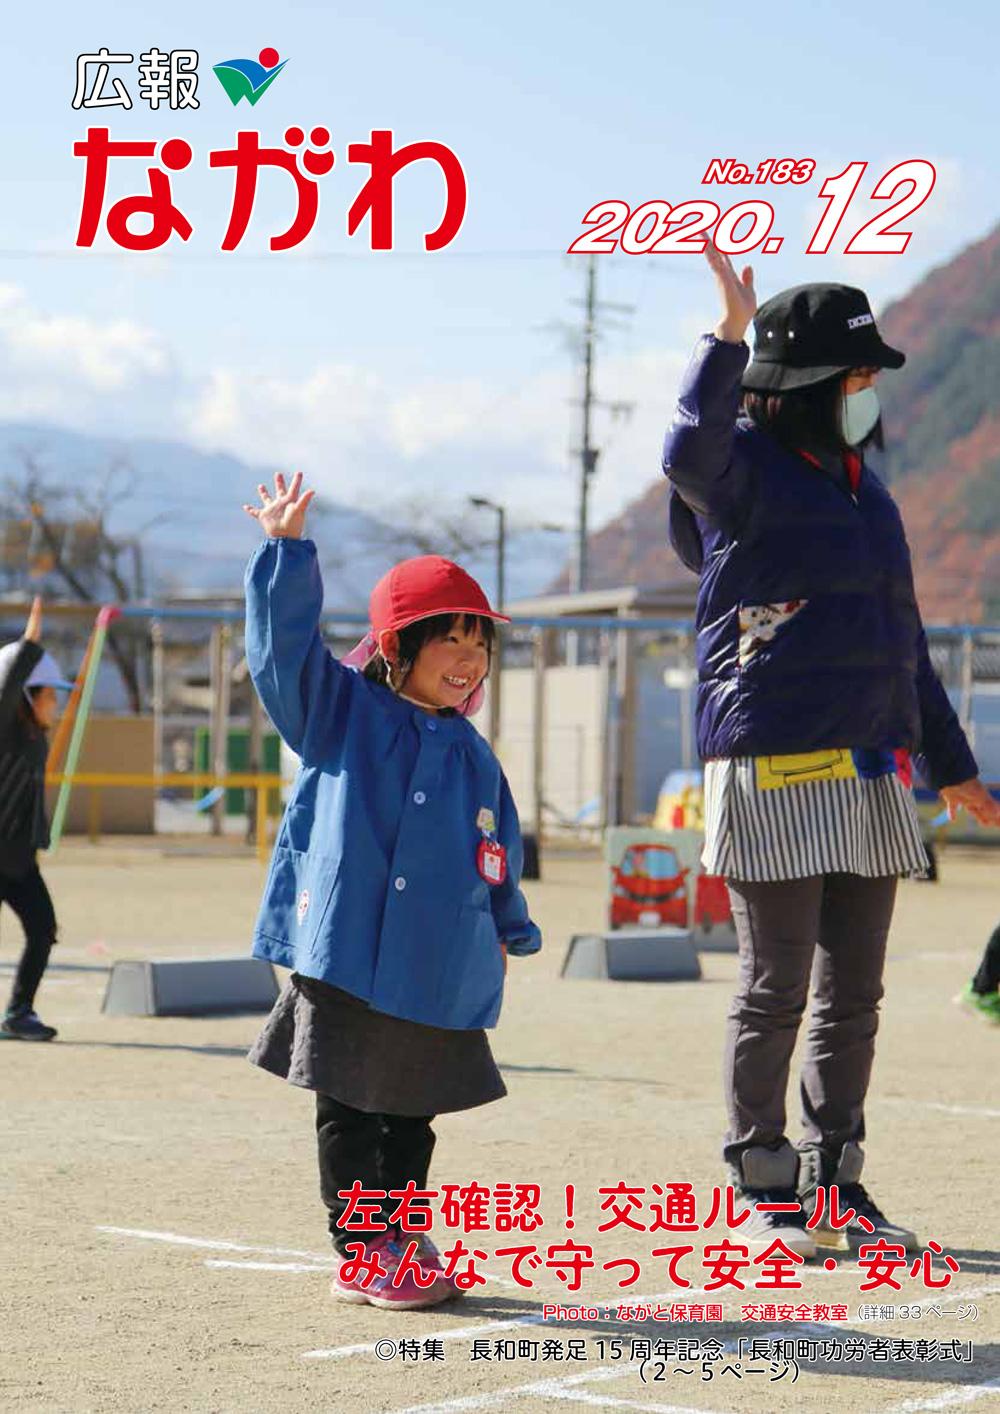 公共關係12月號封面